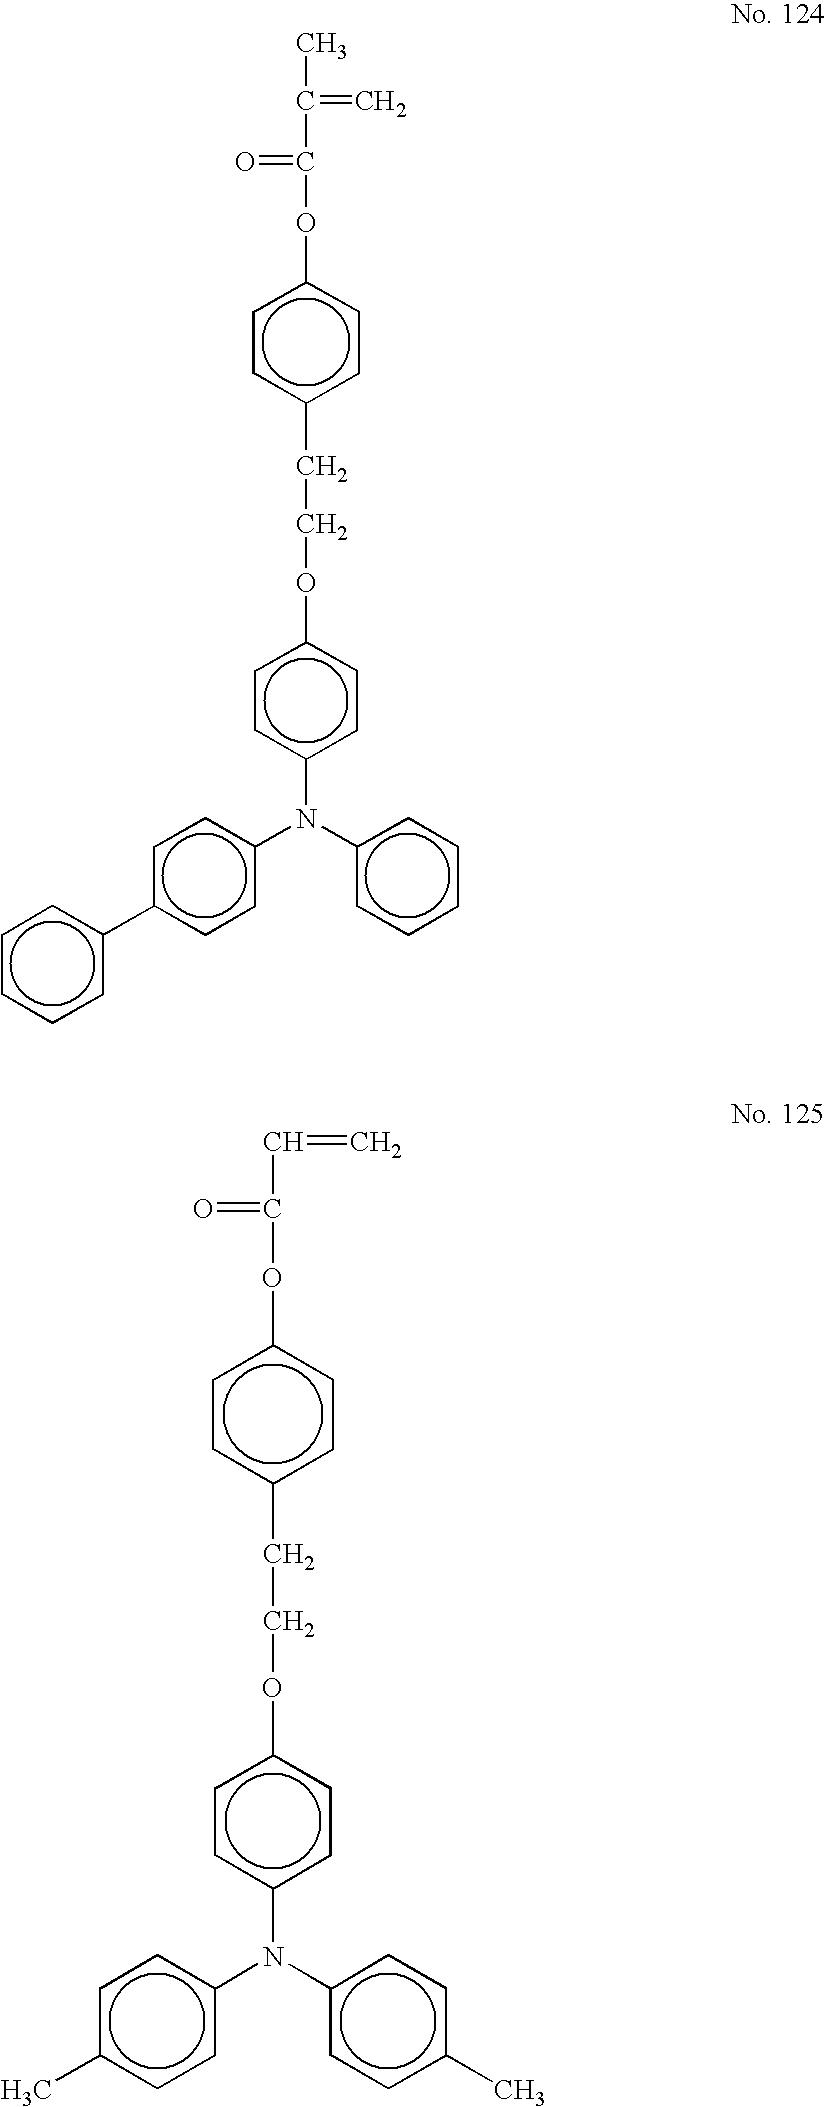 Figure US20050158641A1-20050721-C00057